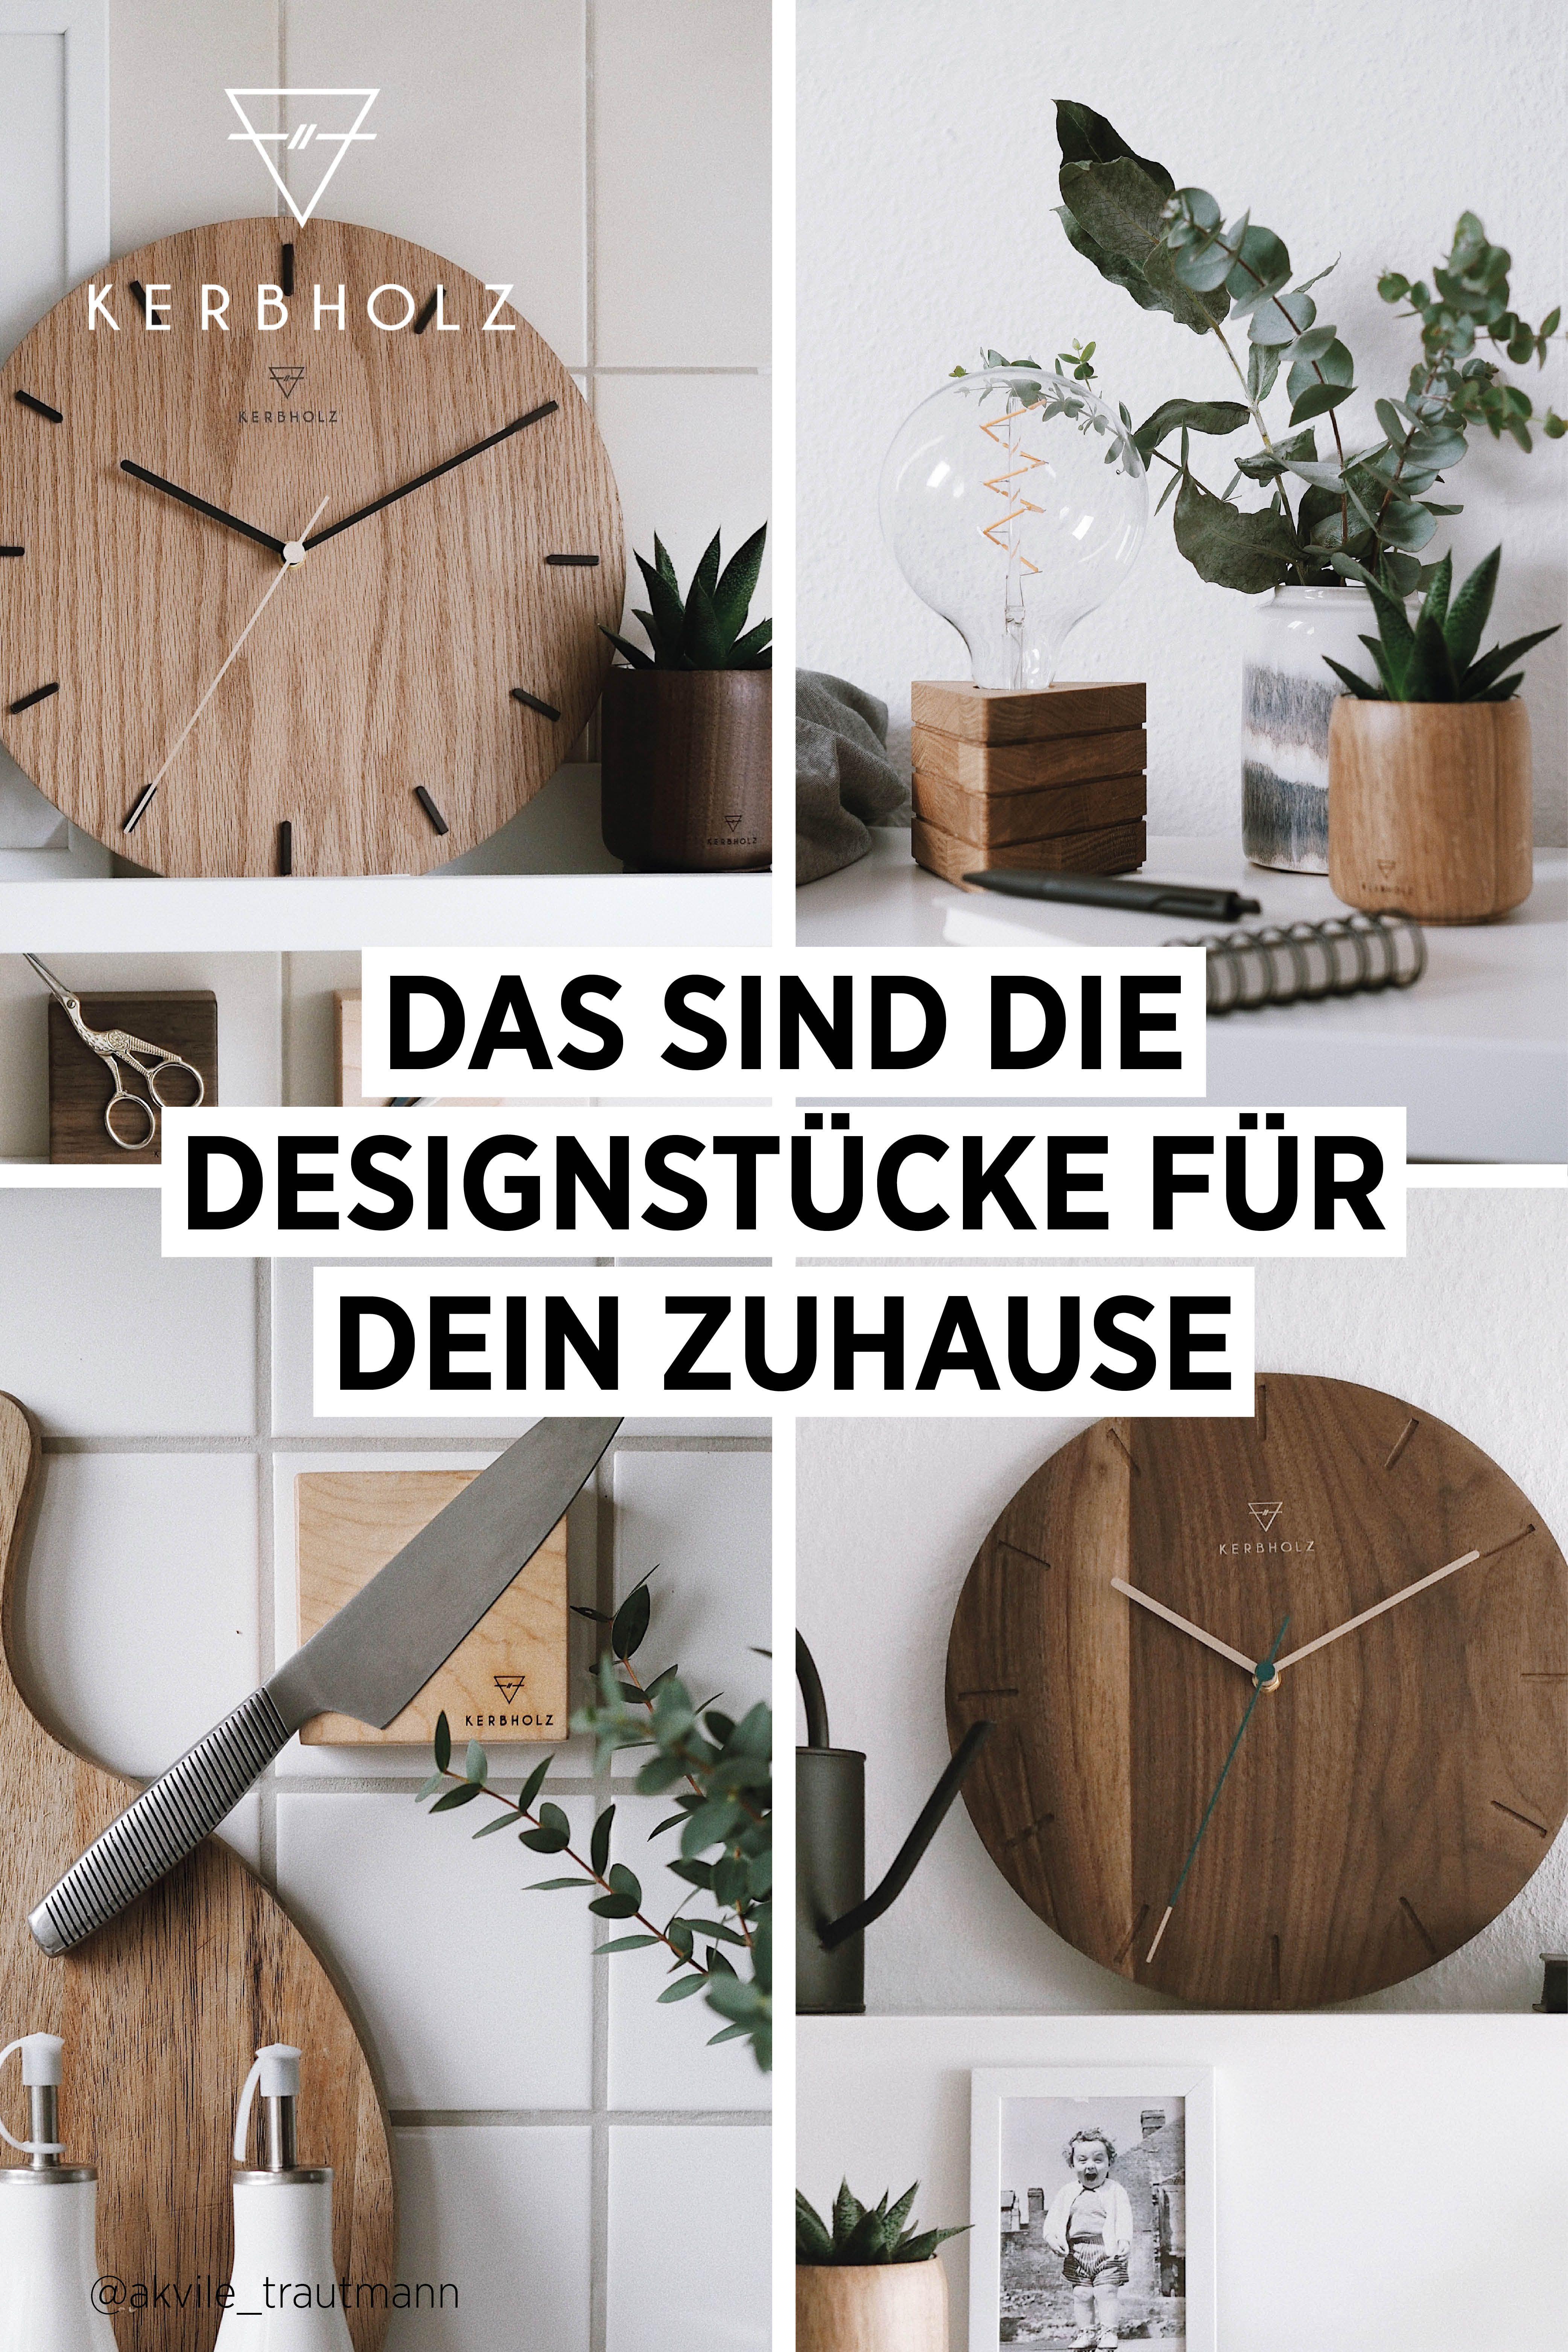 Zuhause in 2020 | Wohnaccessoires, Wohndeko, Ankleidezimmer